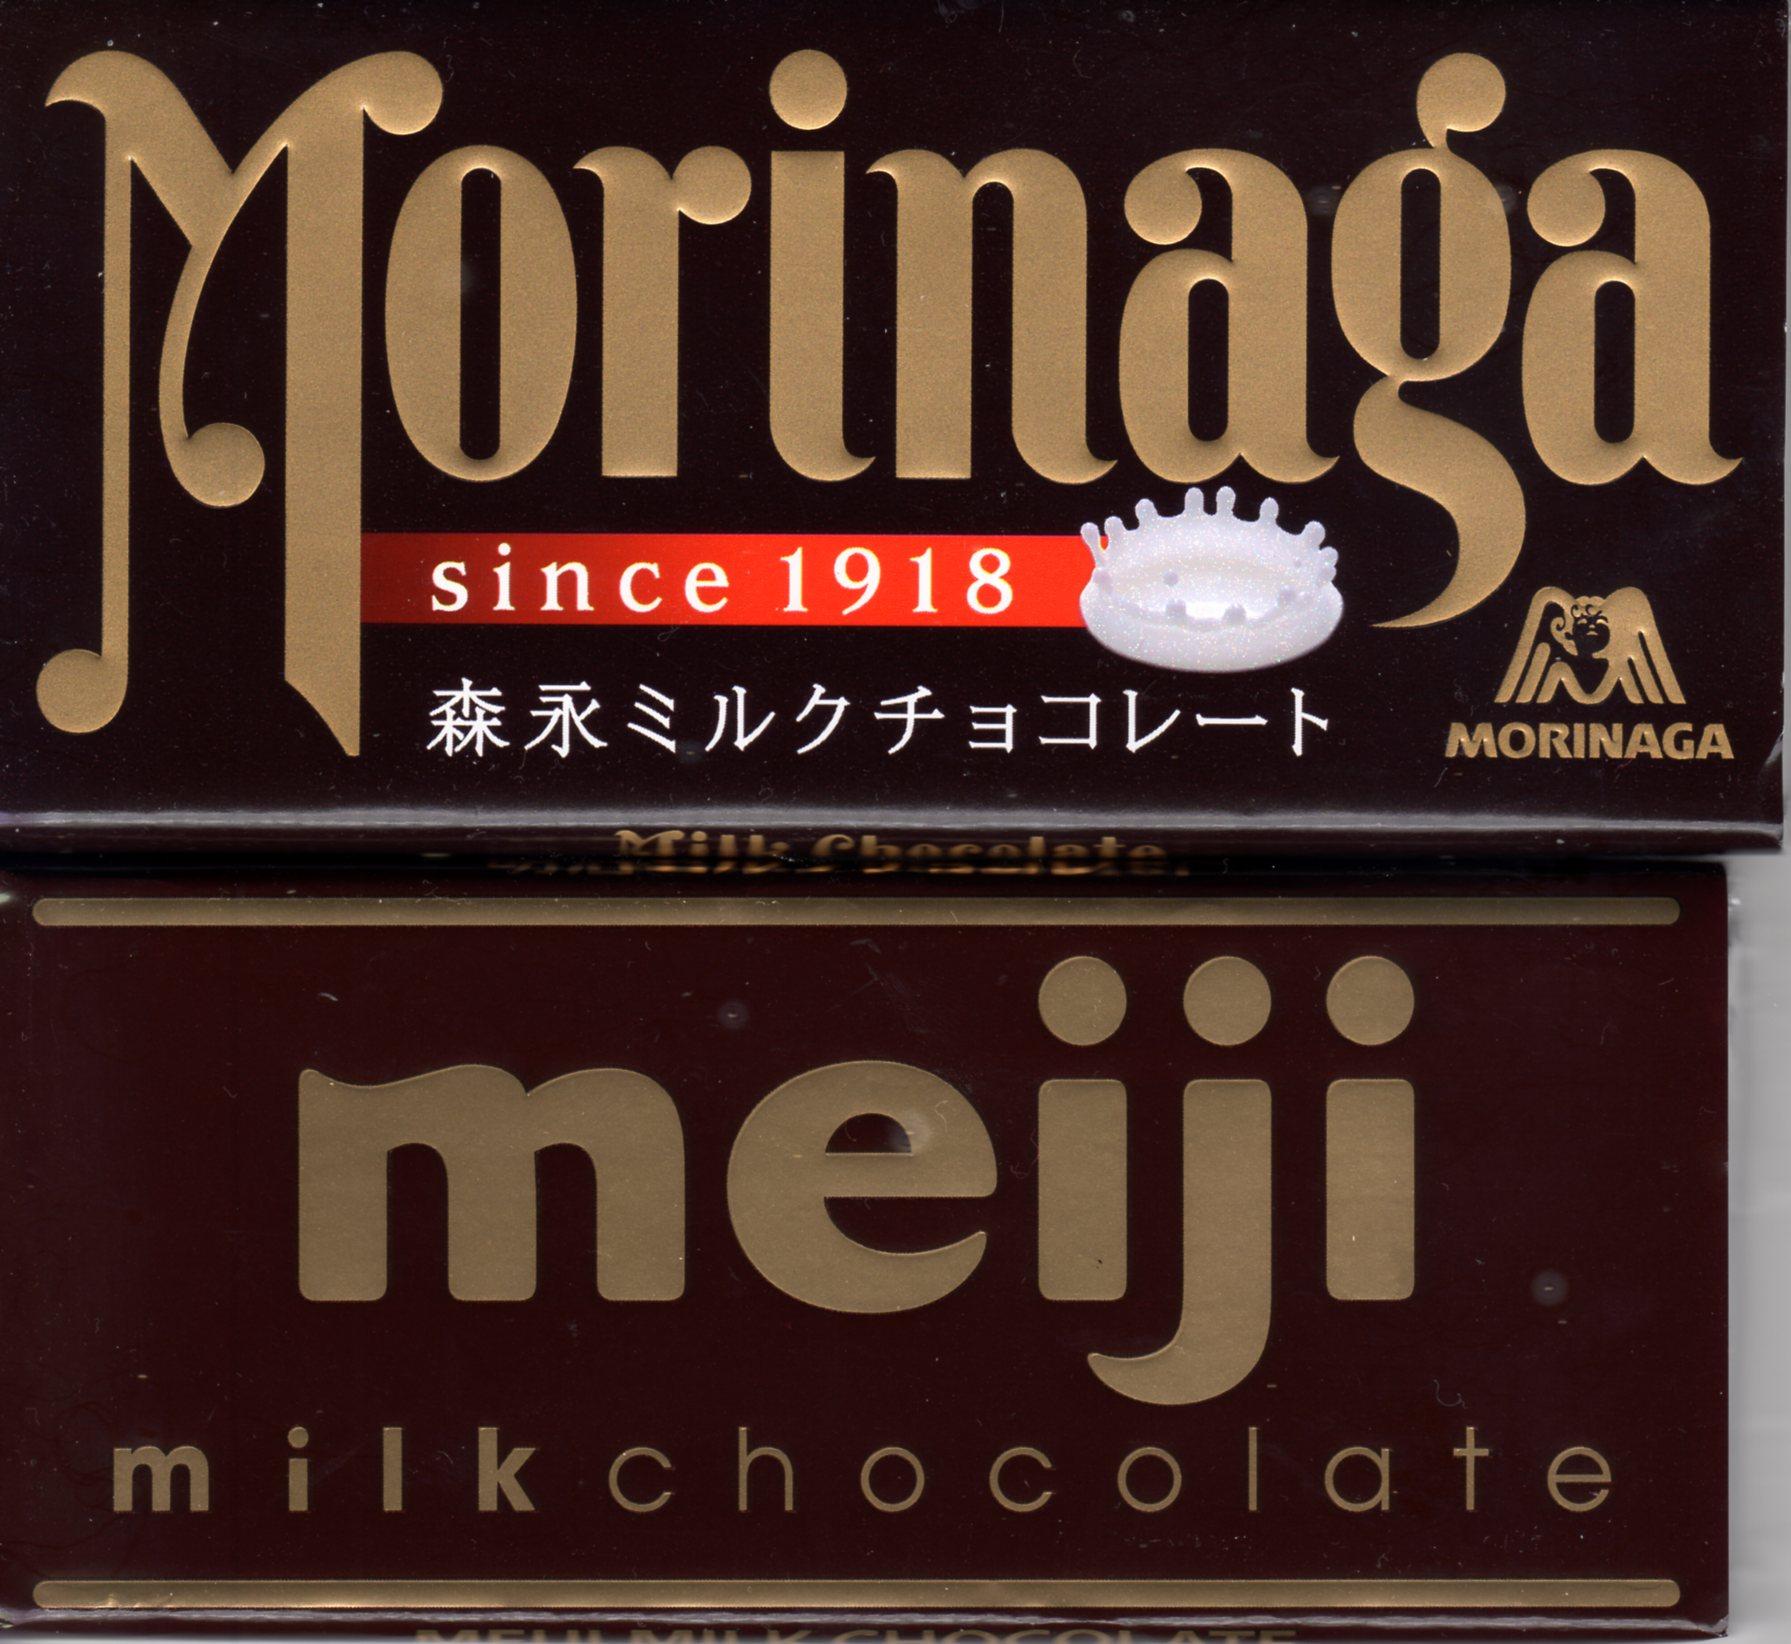 チョコレート001